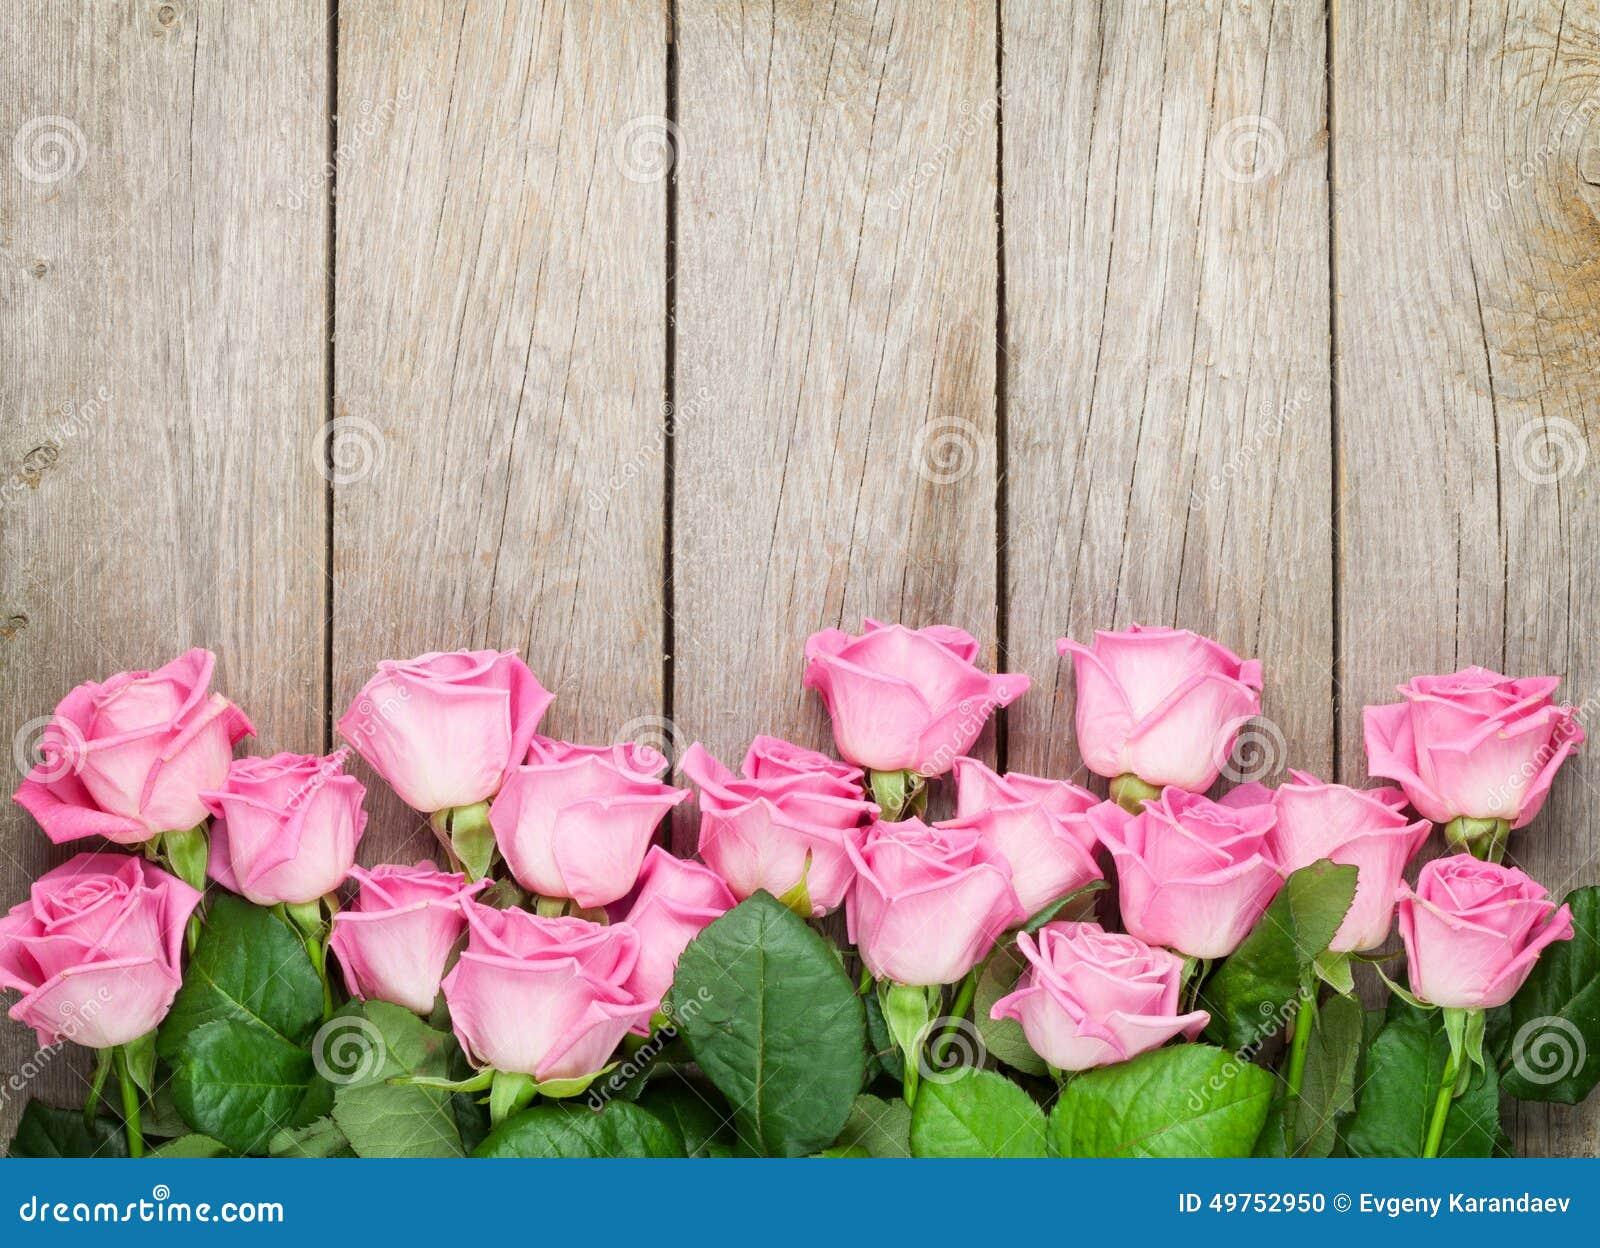 De achtergrond van de valentijnskaartendag met roze rozen over houten lijst